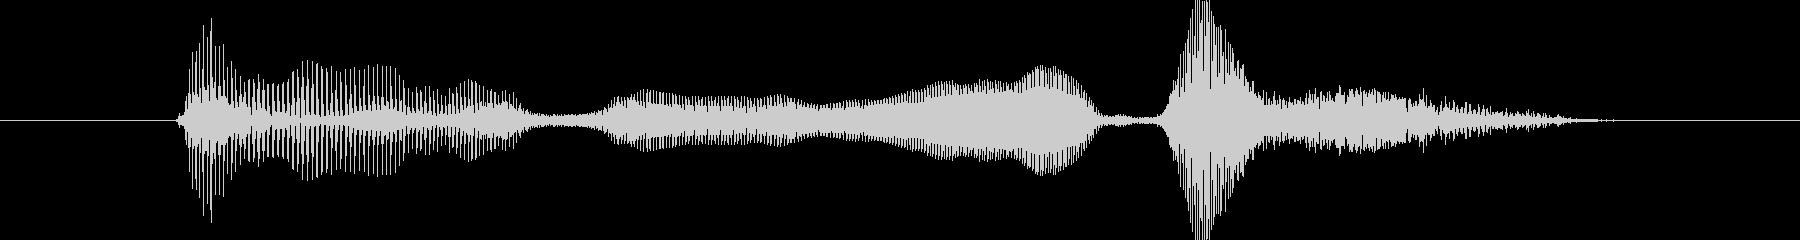 タイムオーバーの未再生の波形